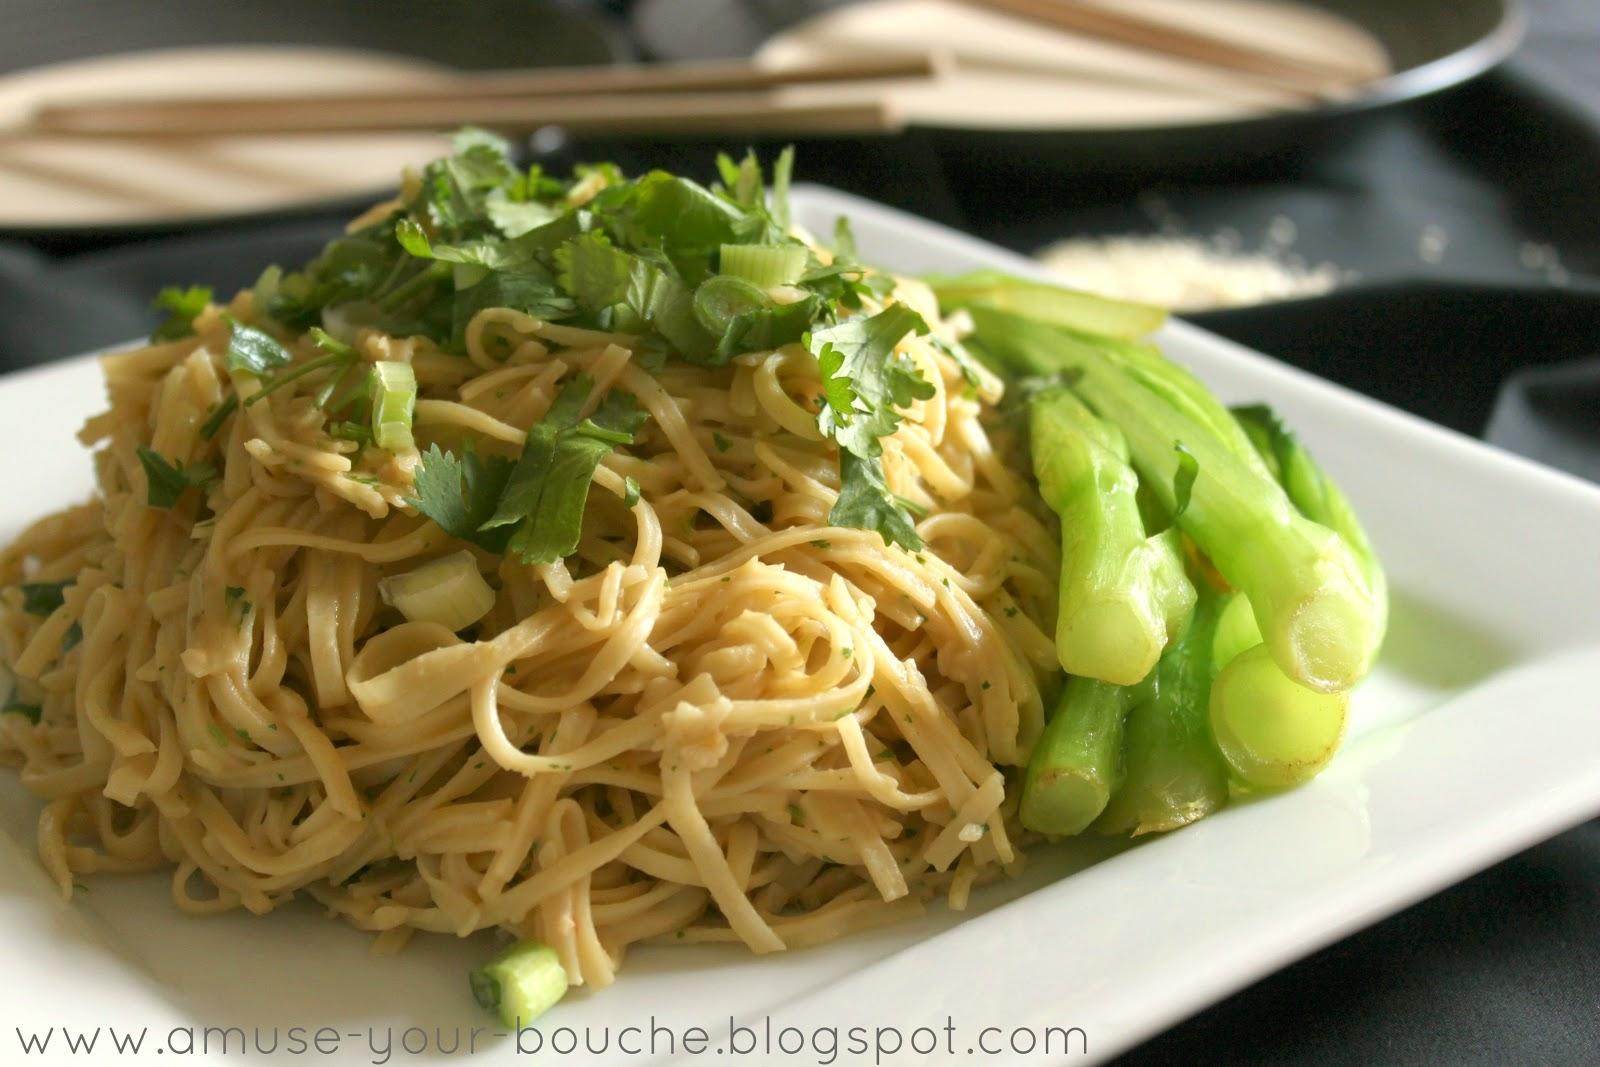 Peanut and sesame noodles - Amuse Your Bouche